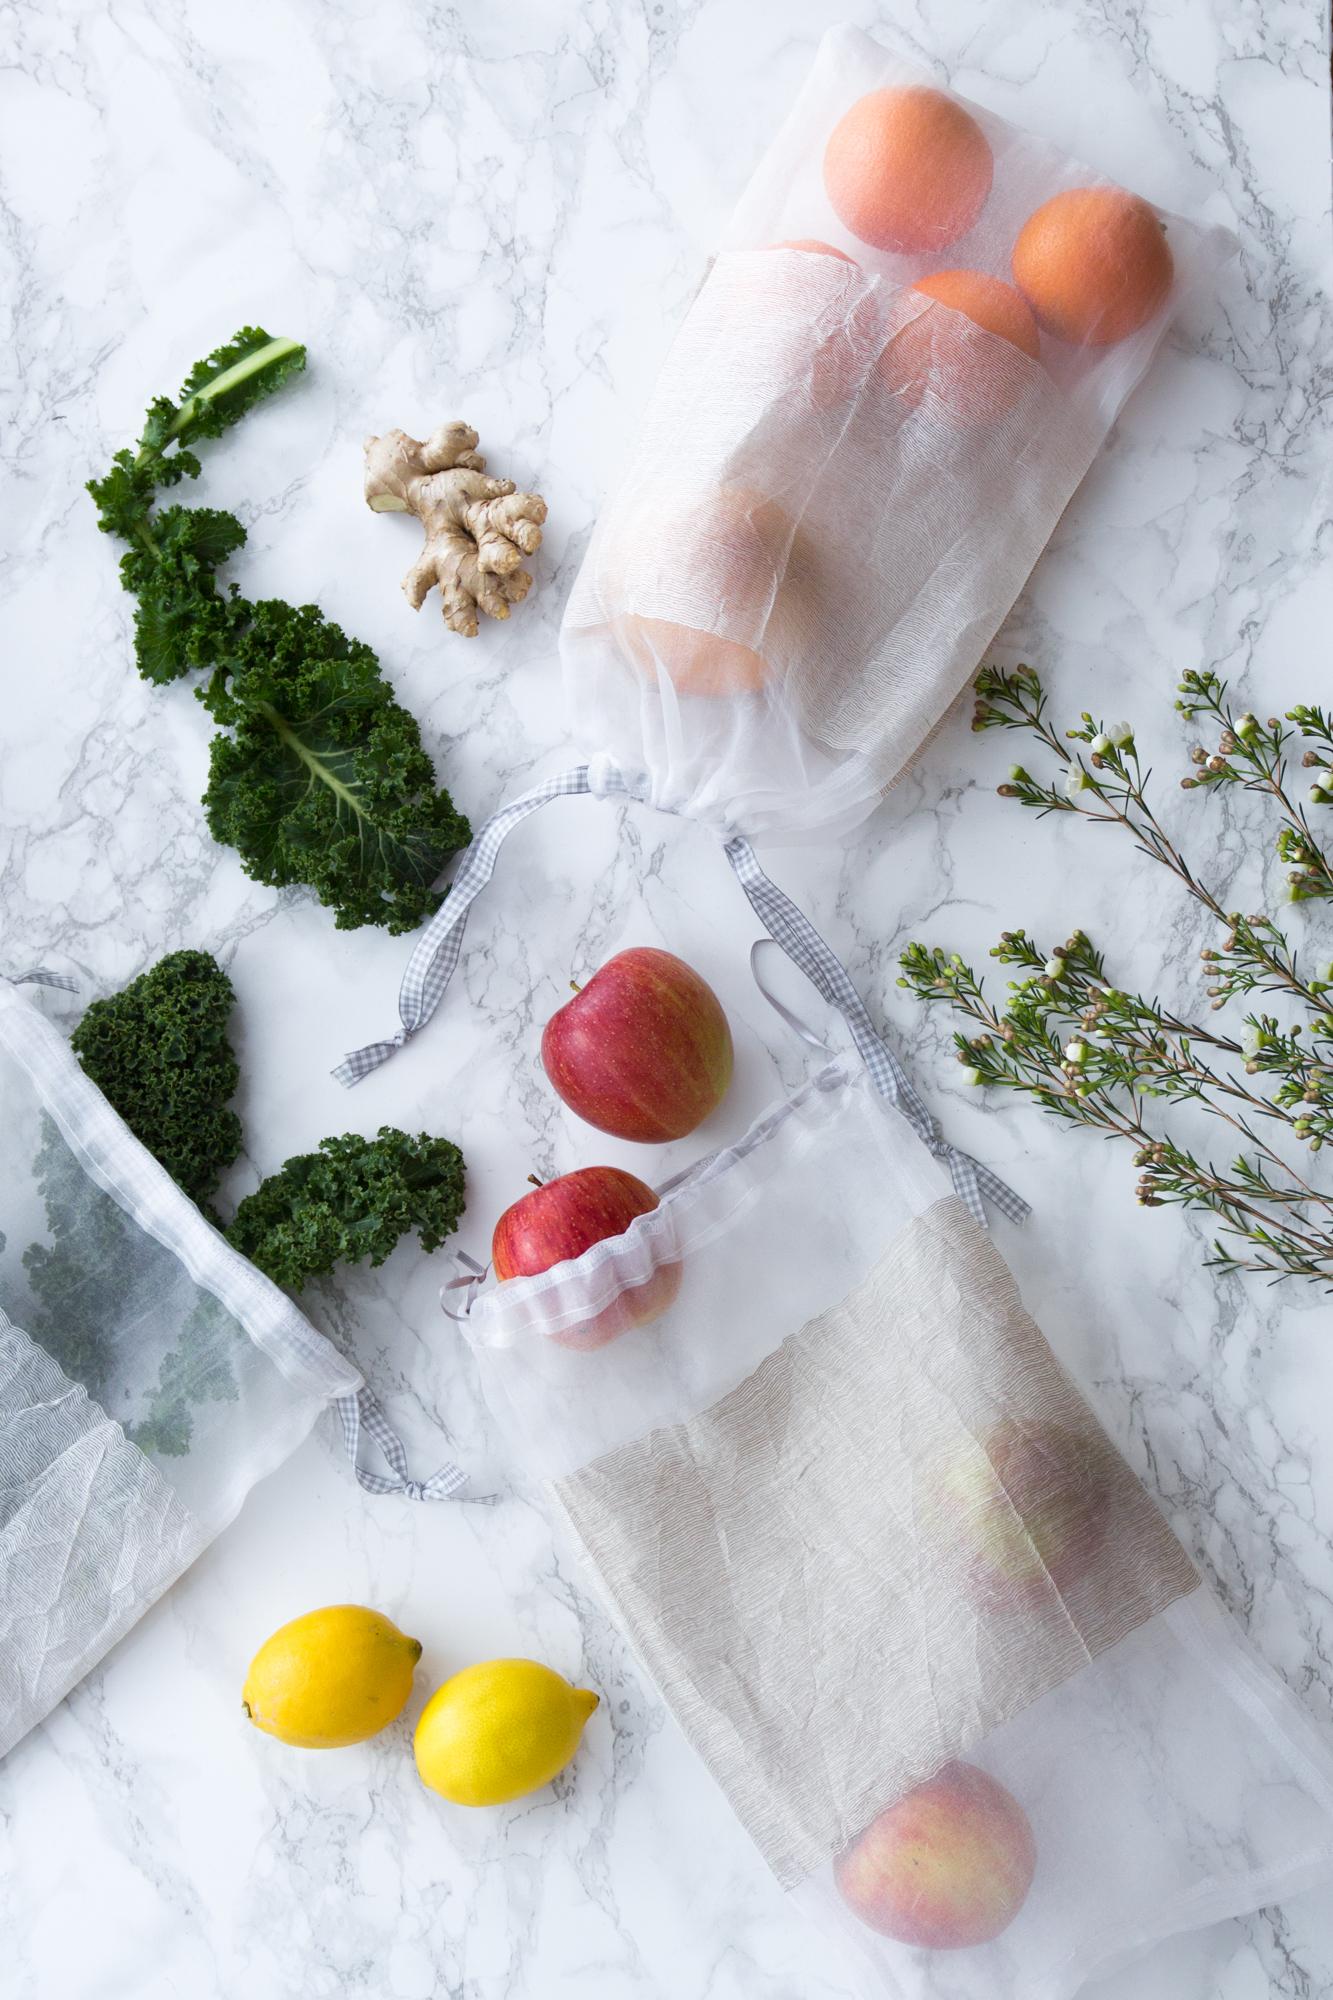 DIY Anleitung Gemüsenetz selbstgenäht - für mehr Nachhaltigkeit im Alltag - Tweed & Greet